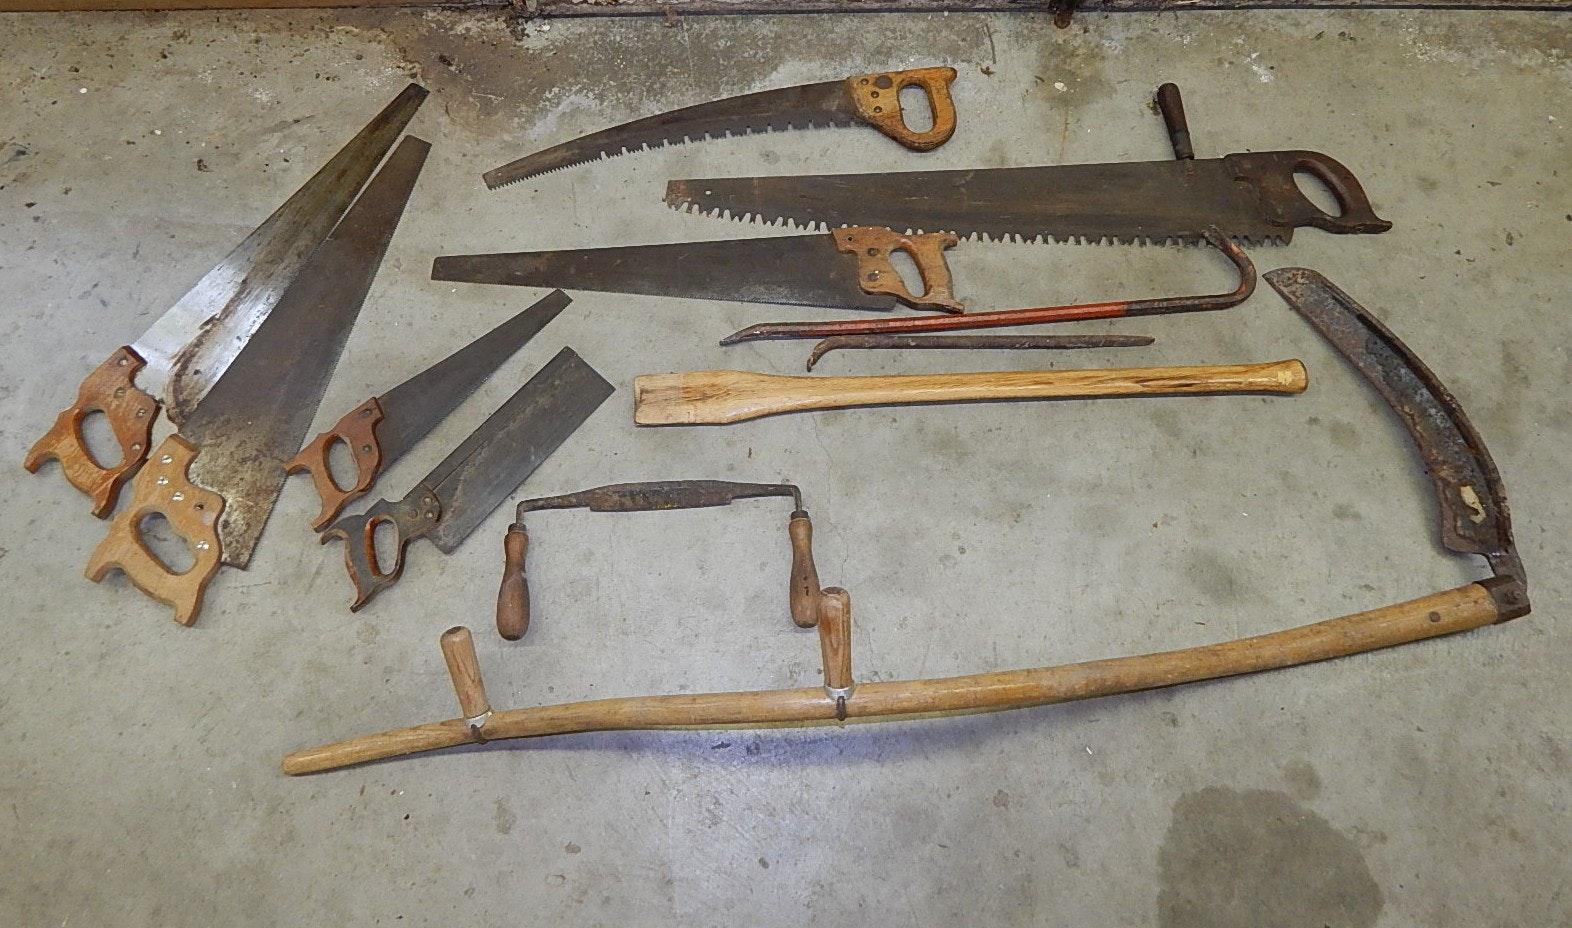 Vintage Tools, Saws, Scythe